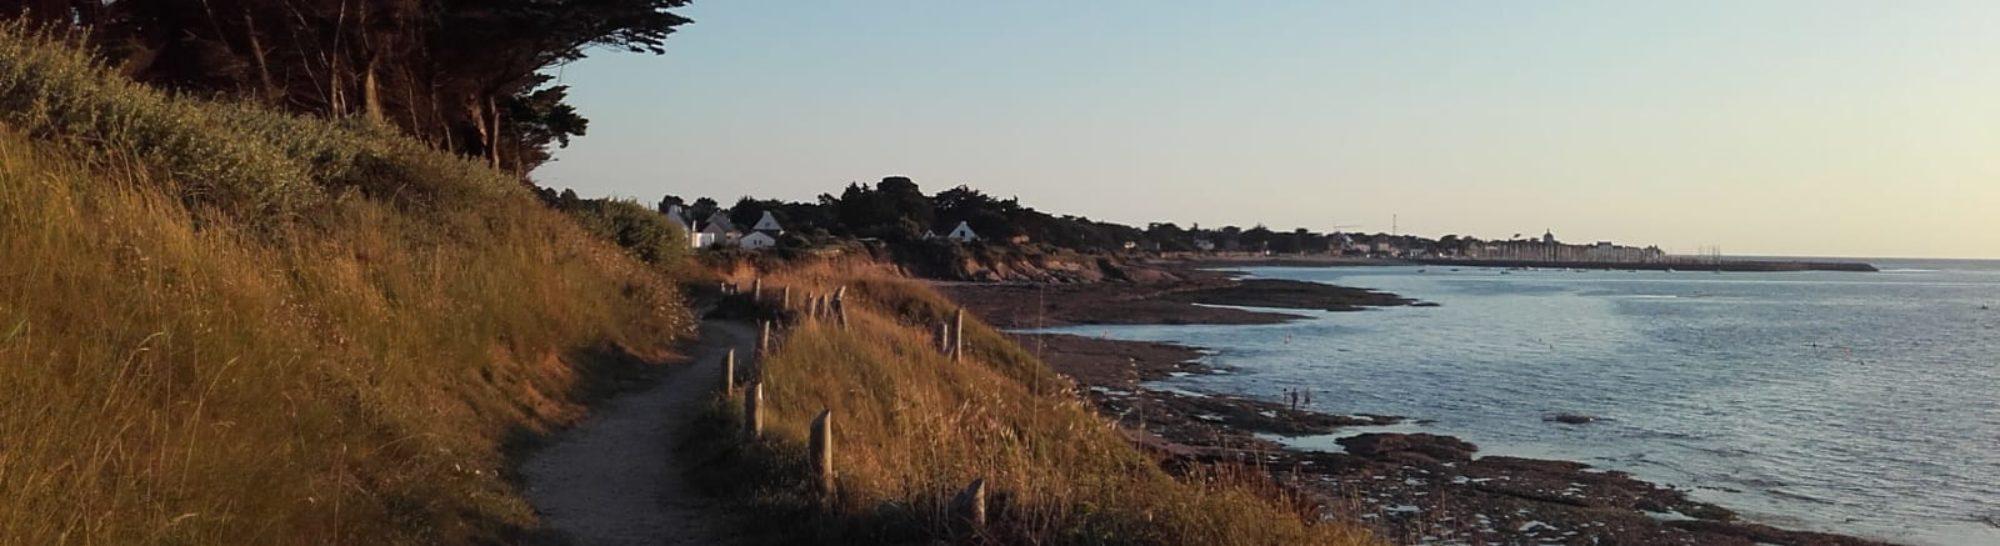 Notre Camping les amis de la nature Piriac-sur-Mer ouvre fin juin 2021 jusqu'au début Septembre 2021. Les réservations pour 2021 sont déjà possibles.   Nous serons heureux de vous revoir en 2021.»